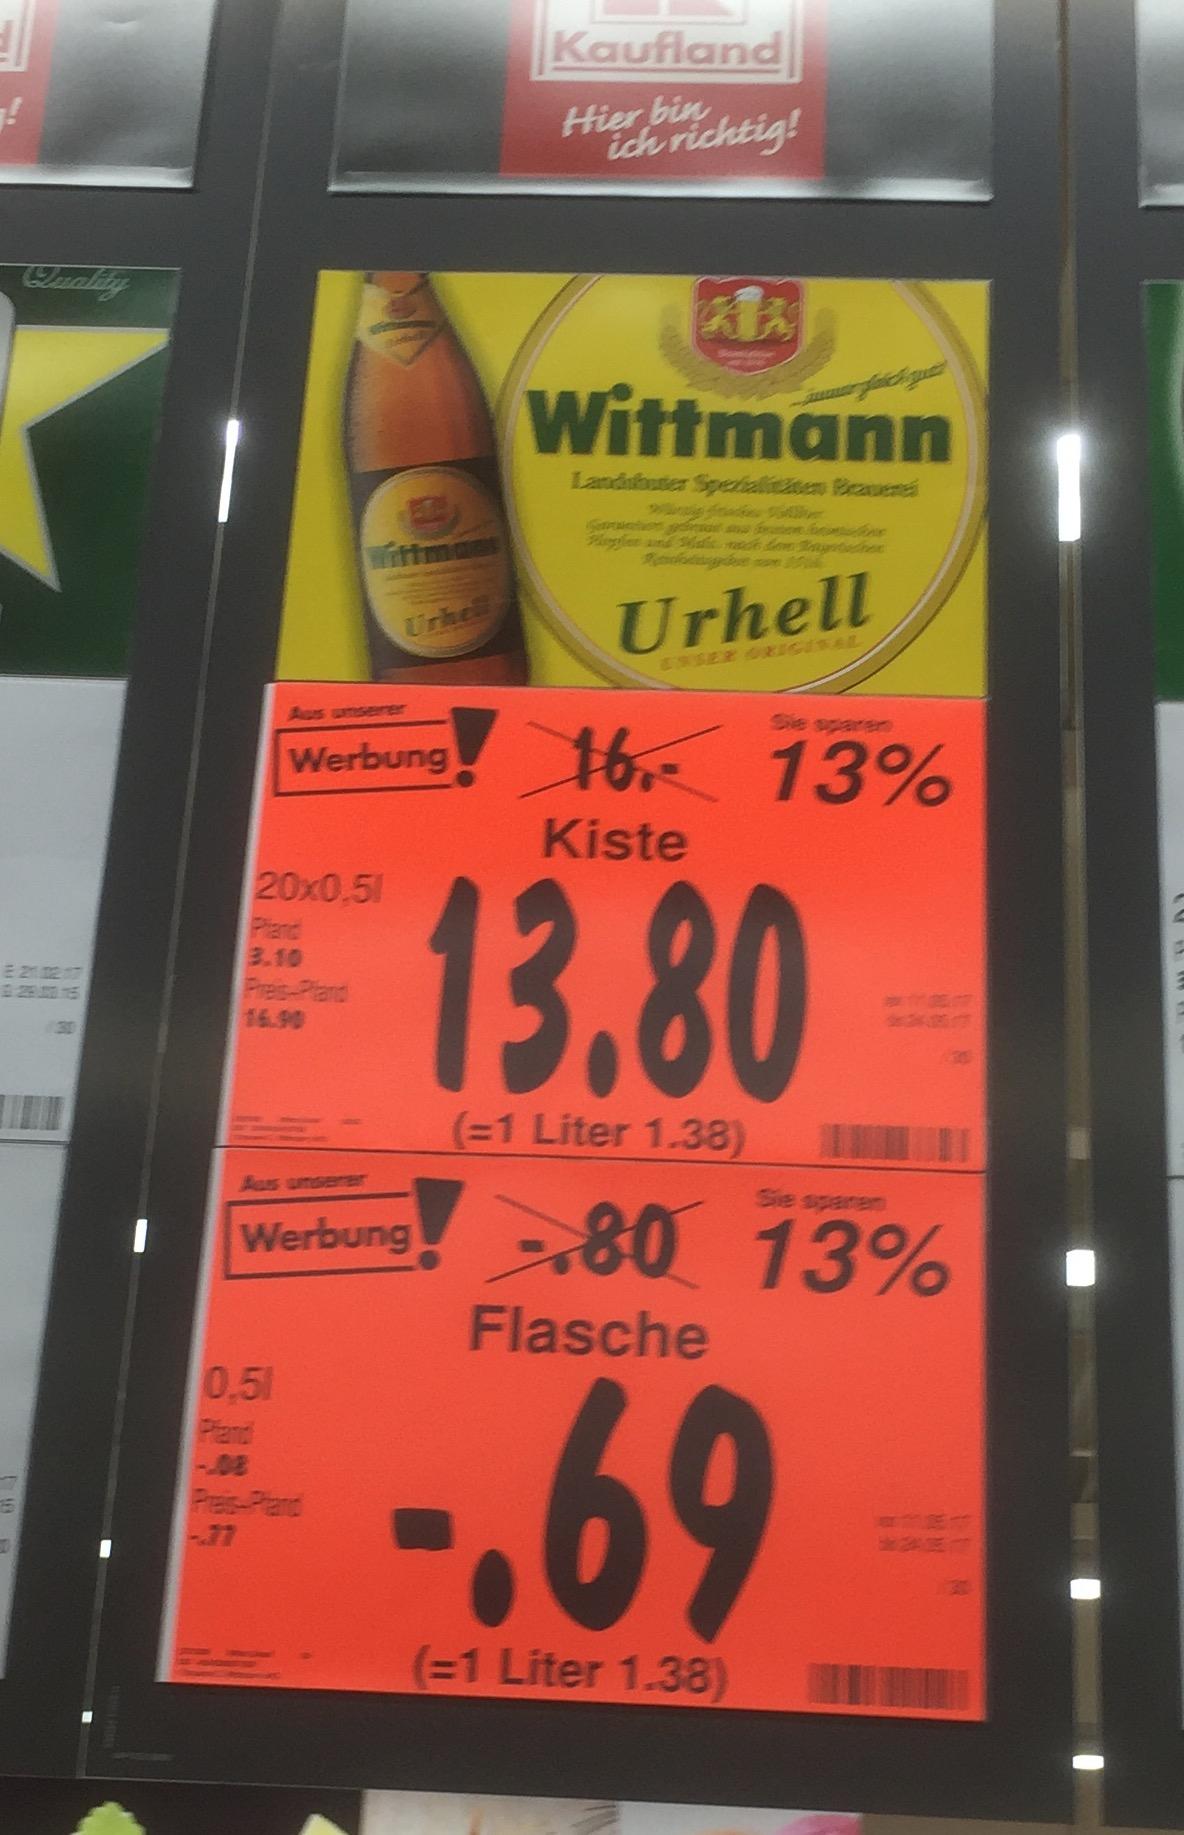 Bier Wittmann Urhell [Kaufland Landshut]